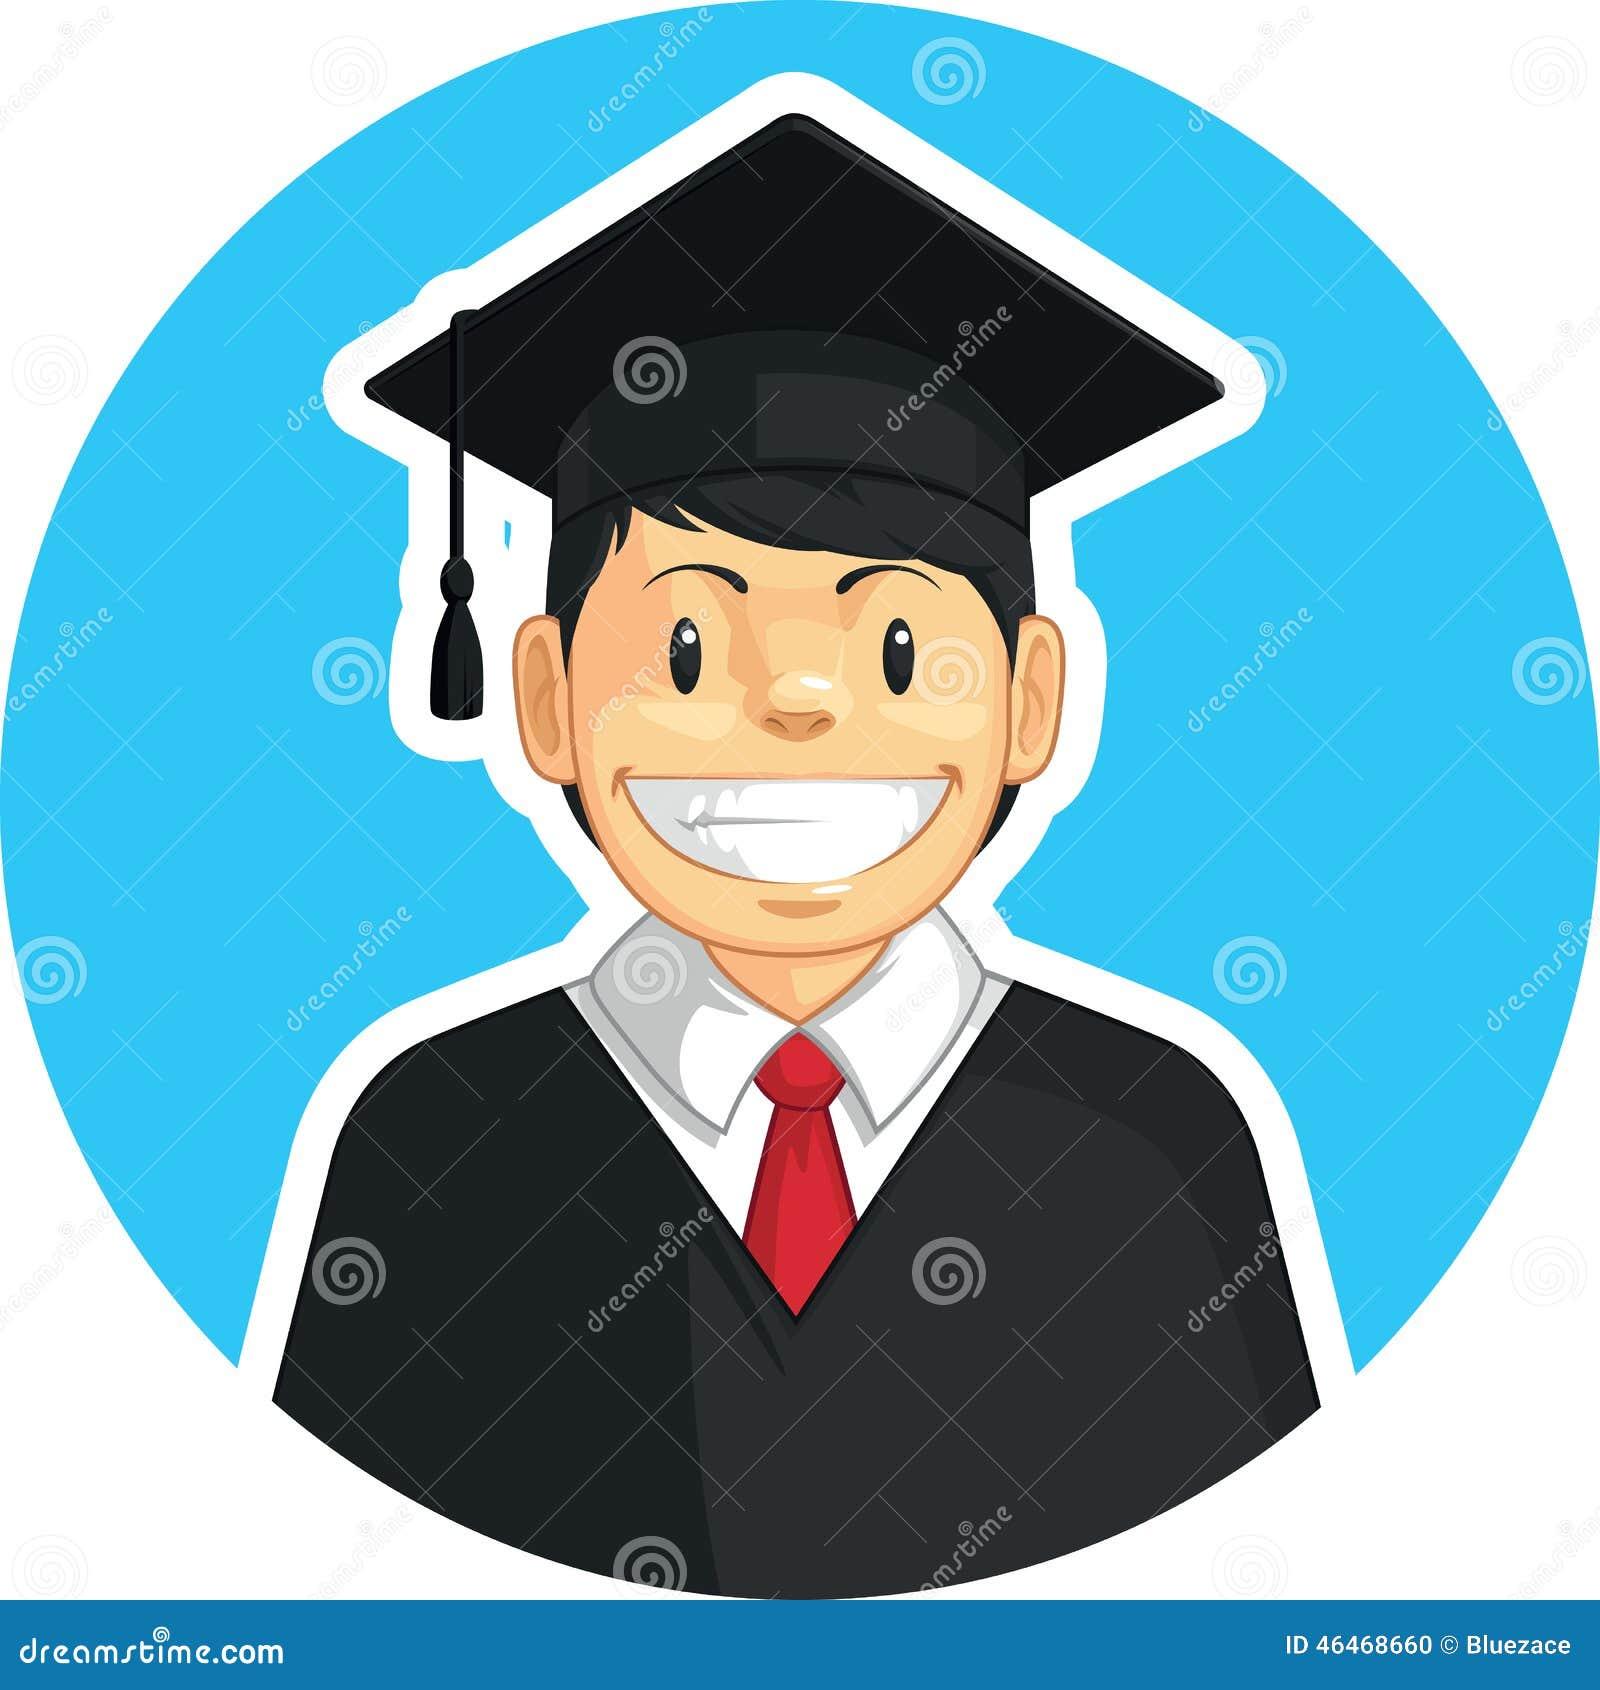 Obtention Du Diplome D Ecole Universite Garcon Illustration De